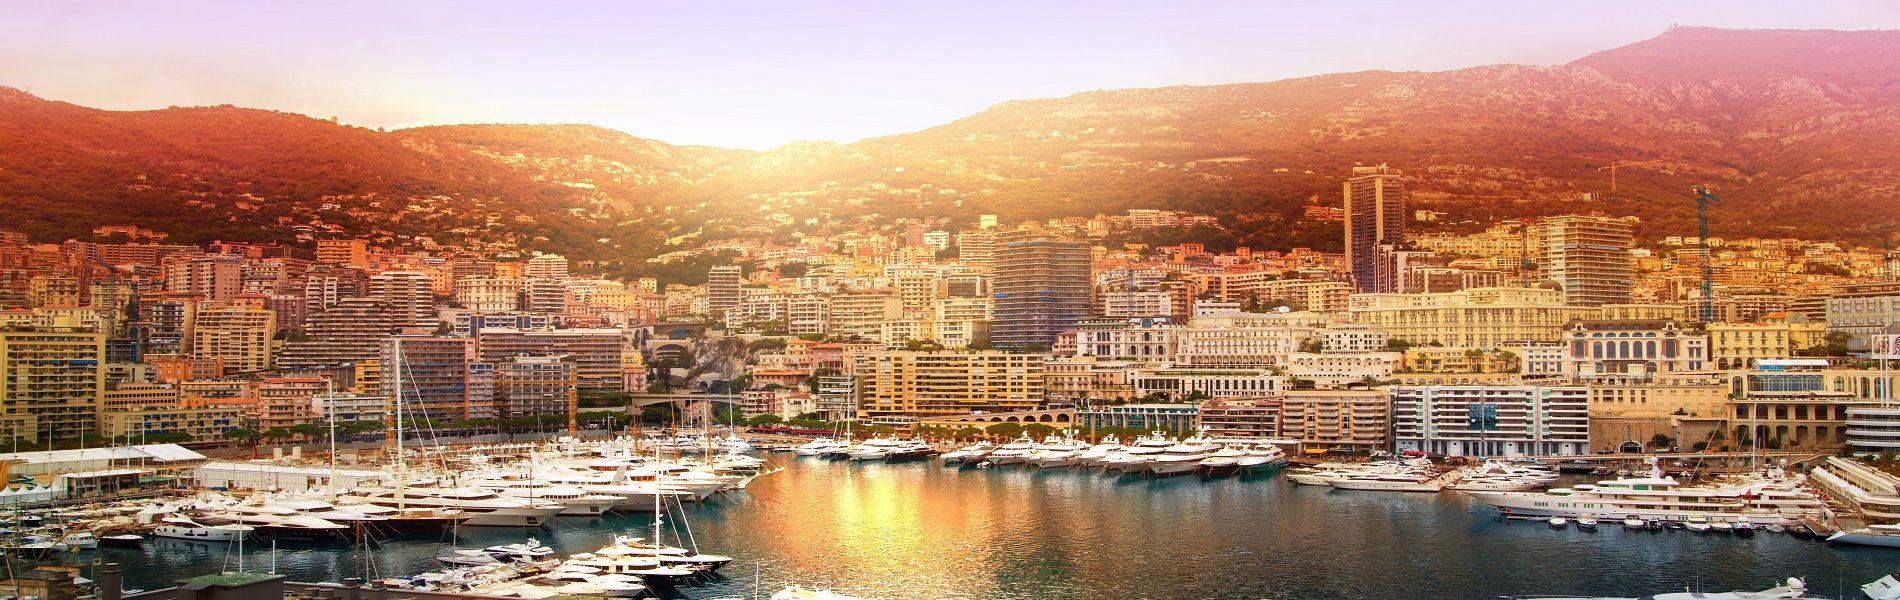 Azurna Obala Letovanje 2021 Sanremo Ligurijska Obala